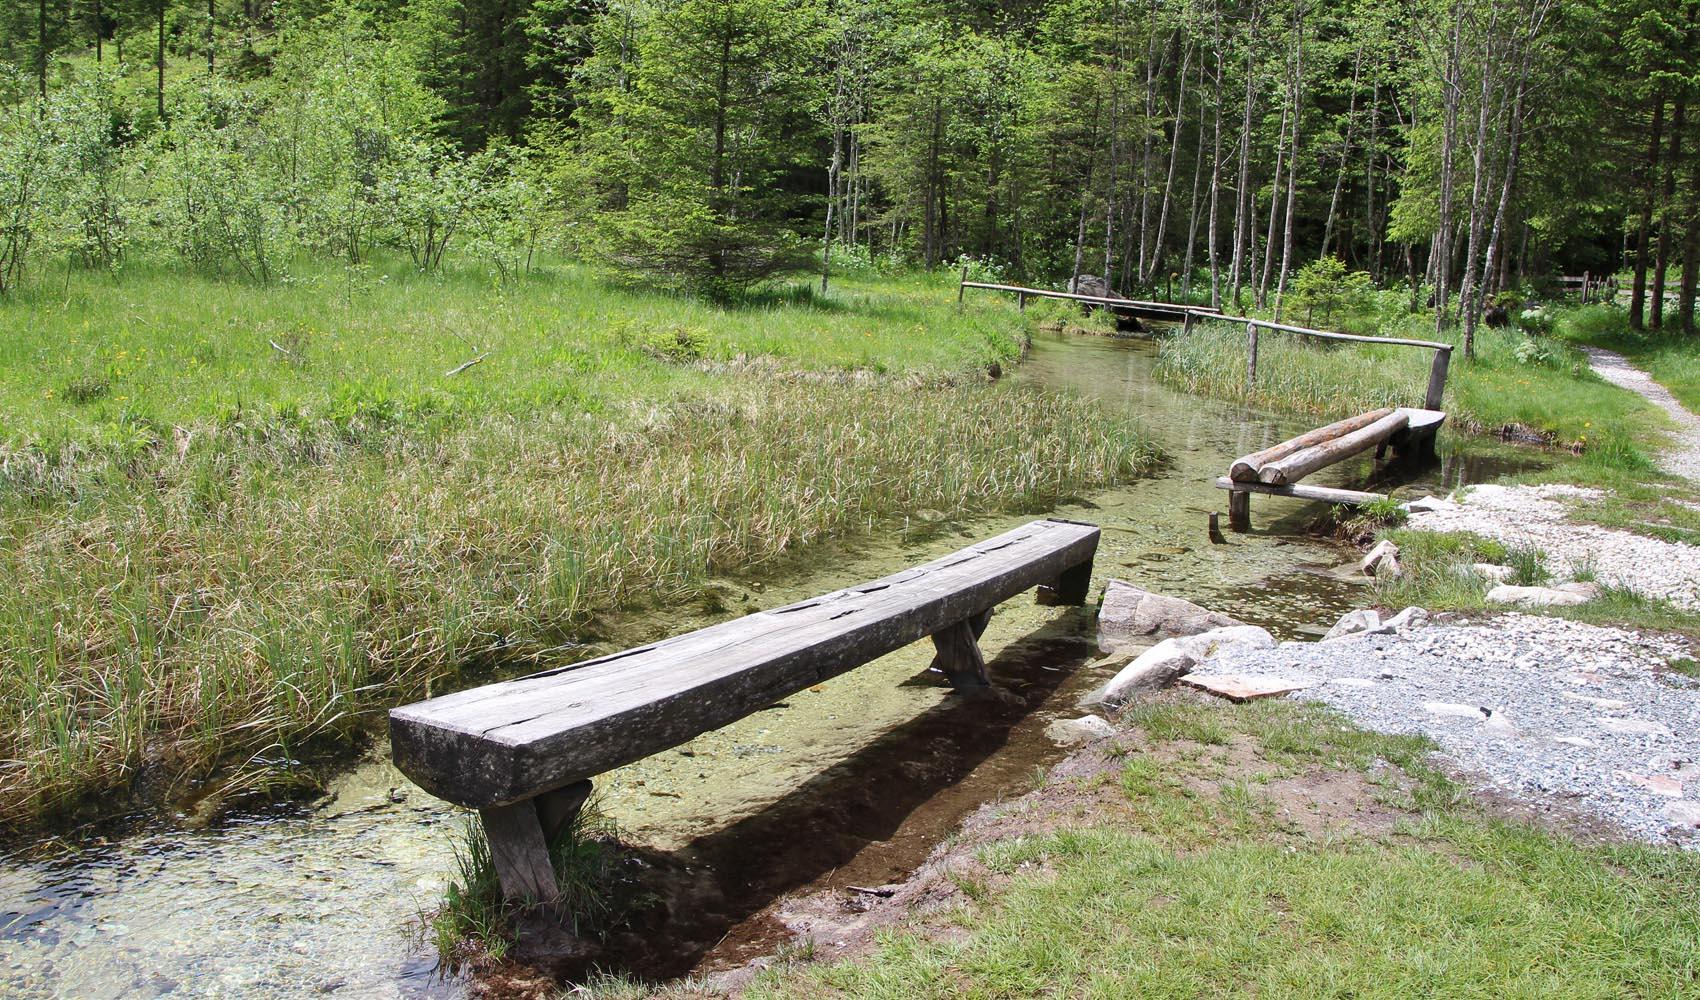 Sie befindet sich im Talschluss; in Mitten einer wunderschönen Aulandschaft mit kleinen Seen und Bächen.